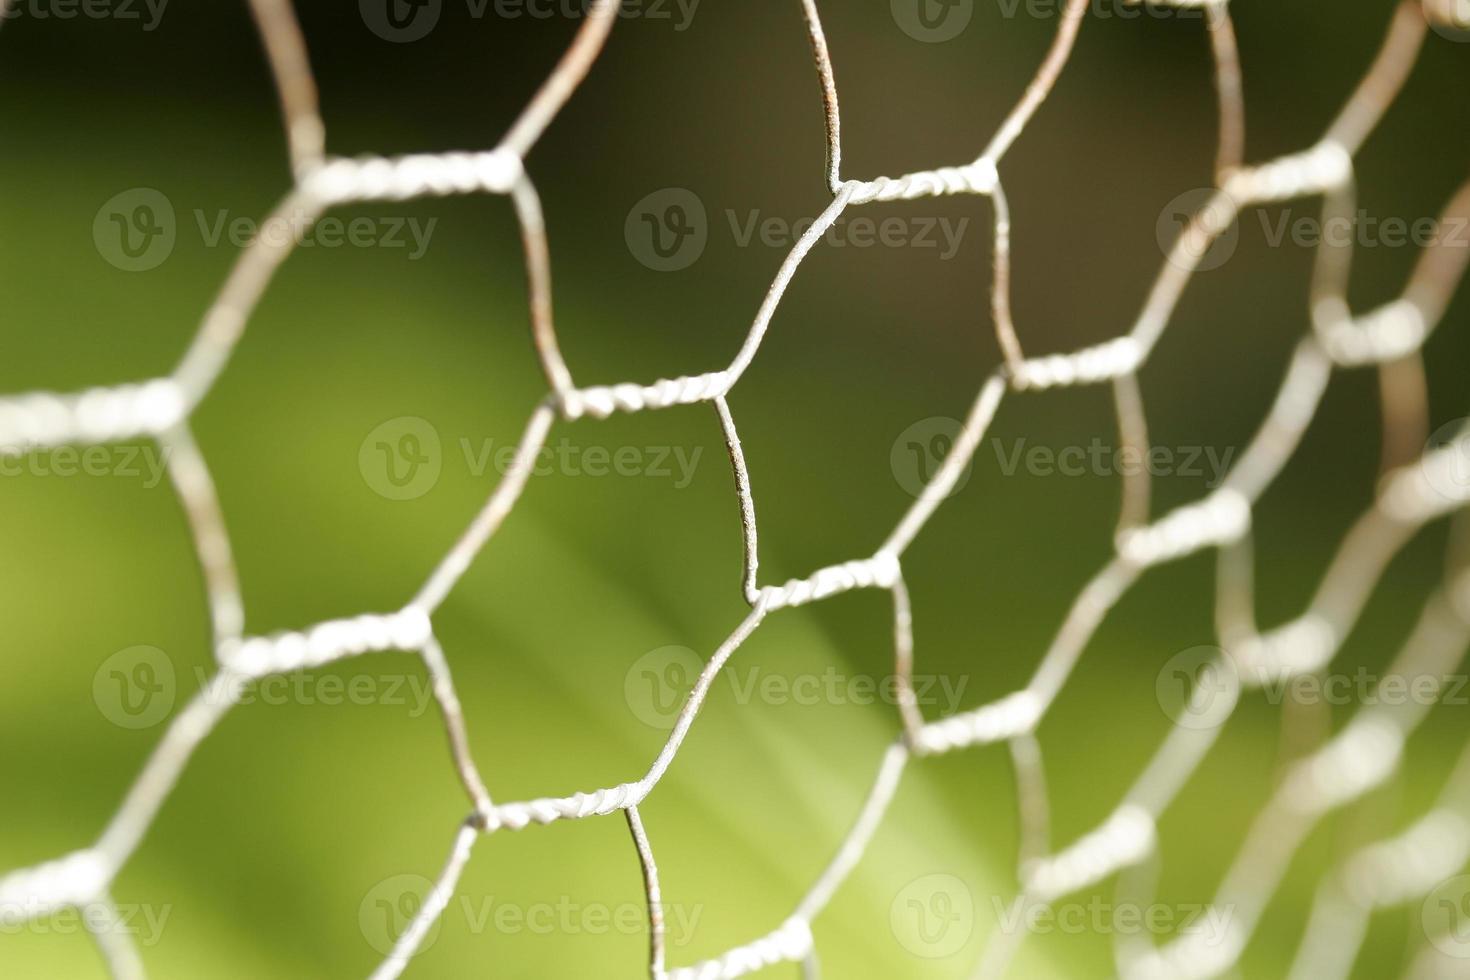 Chicken wire close up photo